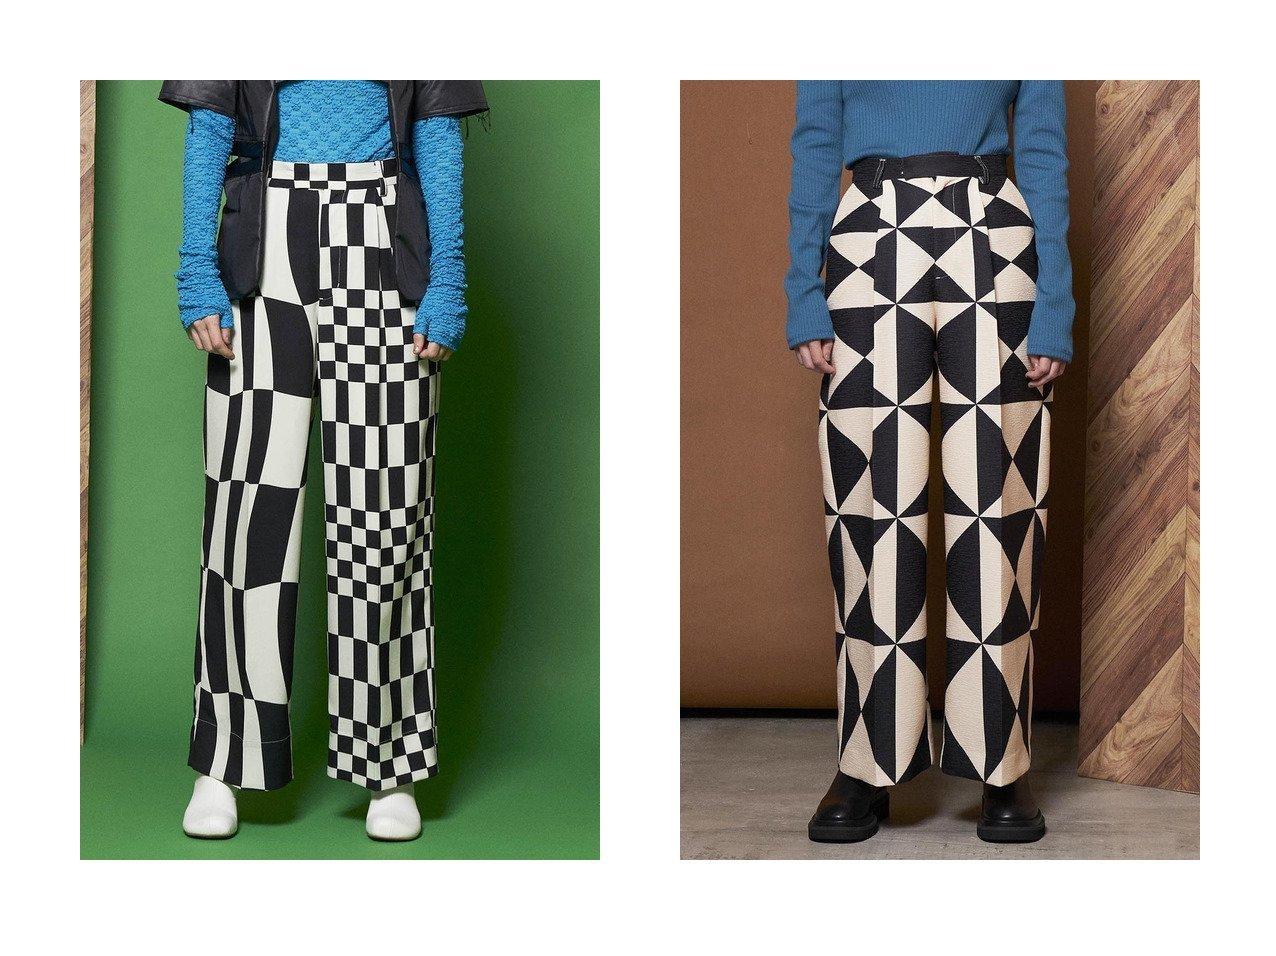 【MAISON SPECIAL/メゾンスペシャル】のミックスパターンワイドパンツ&トライアングル柄ジャガードワイドパンツ 【パンツ】おすすめ!人気、トレンド・レディースファッションの通販   おすすめで人気の流行・トレンド、ファッションの通販商品 インテリア・家具・メンズファッション・キッズファッション・レディースファッション・服の通販 founy(ファニー) https://founy.com/ ファッション Fashion レディースファッション WOMEN パンツ Pants シンプル ストレート トライアングル フィット プリント ワイド  ID:crp329100000066062